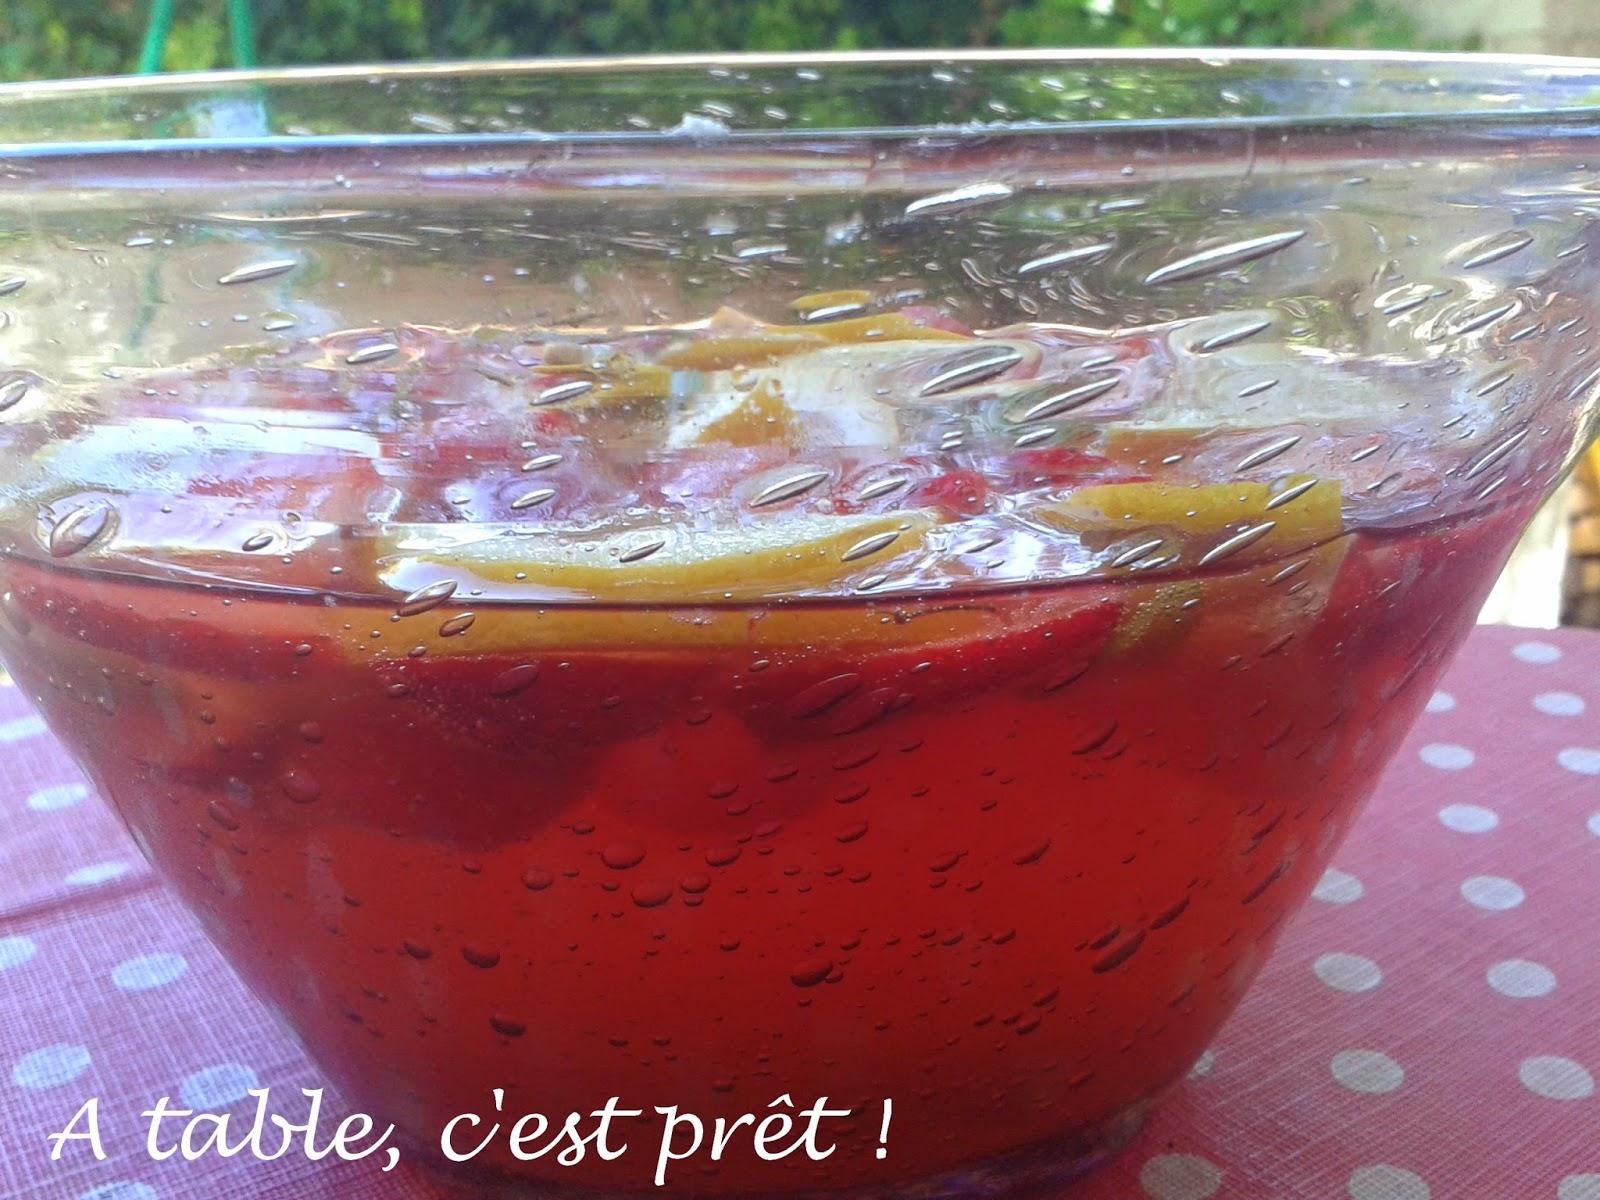 Table c 39 est pr t soupe de champagne aux fraises - Une bouteille de champagne pour combien de personnes ...